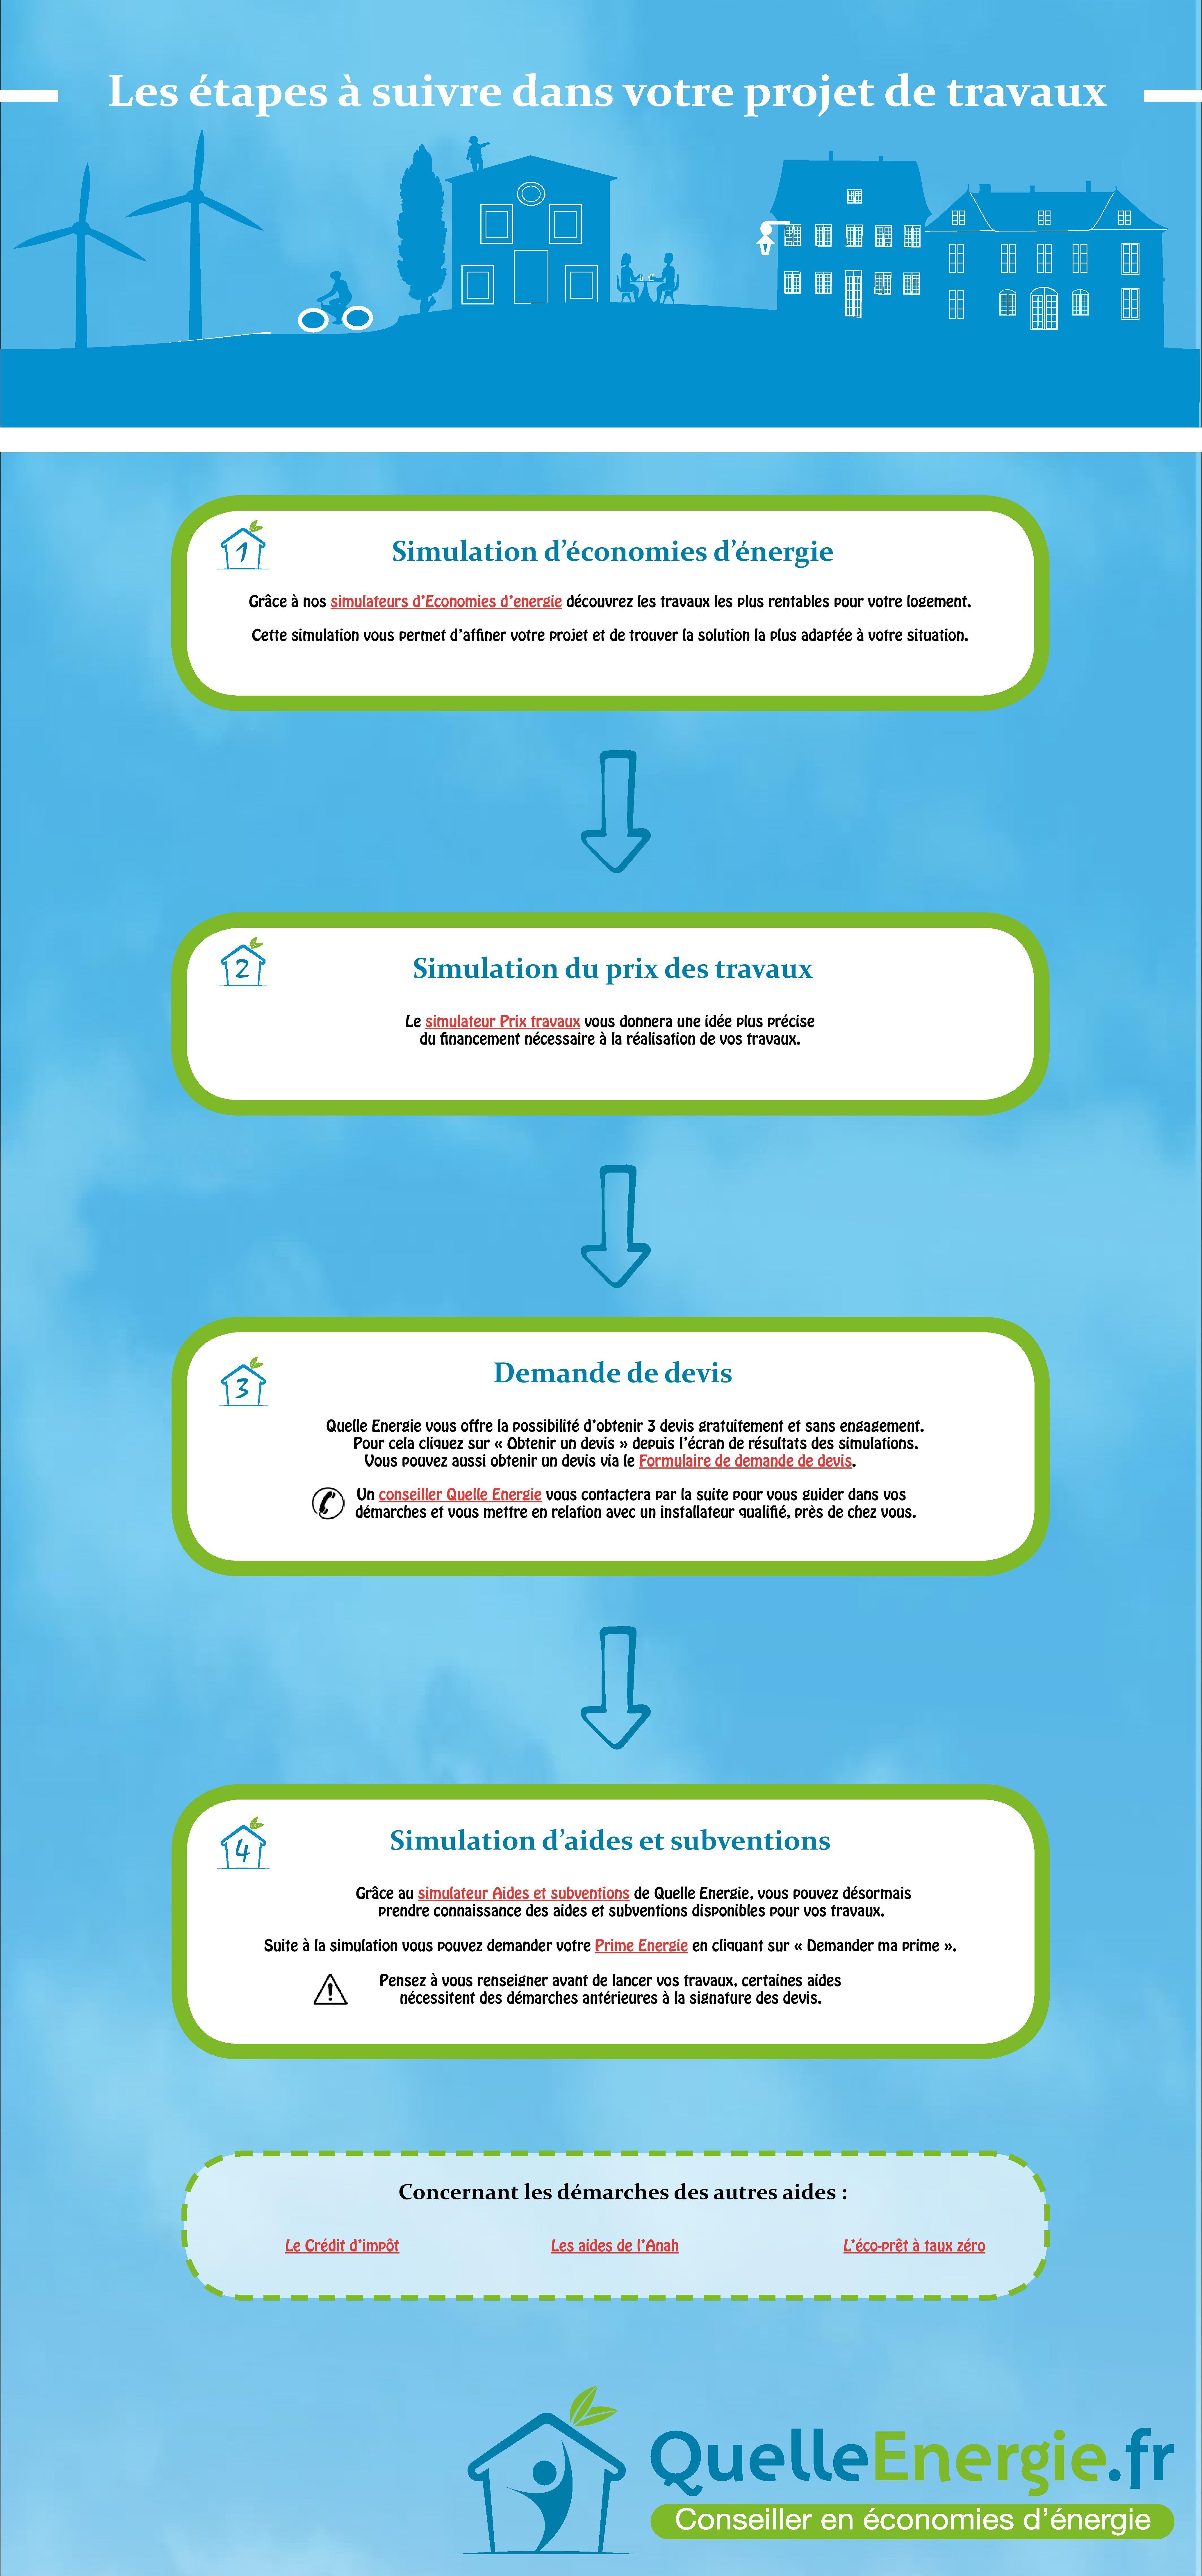 Decouvrez Les Demarches Quelle Energie Pour Vos Travaux De Renovation Economies D Energie Projet De Travail Energie